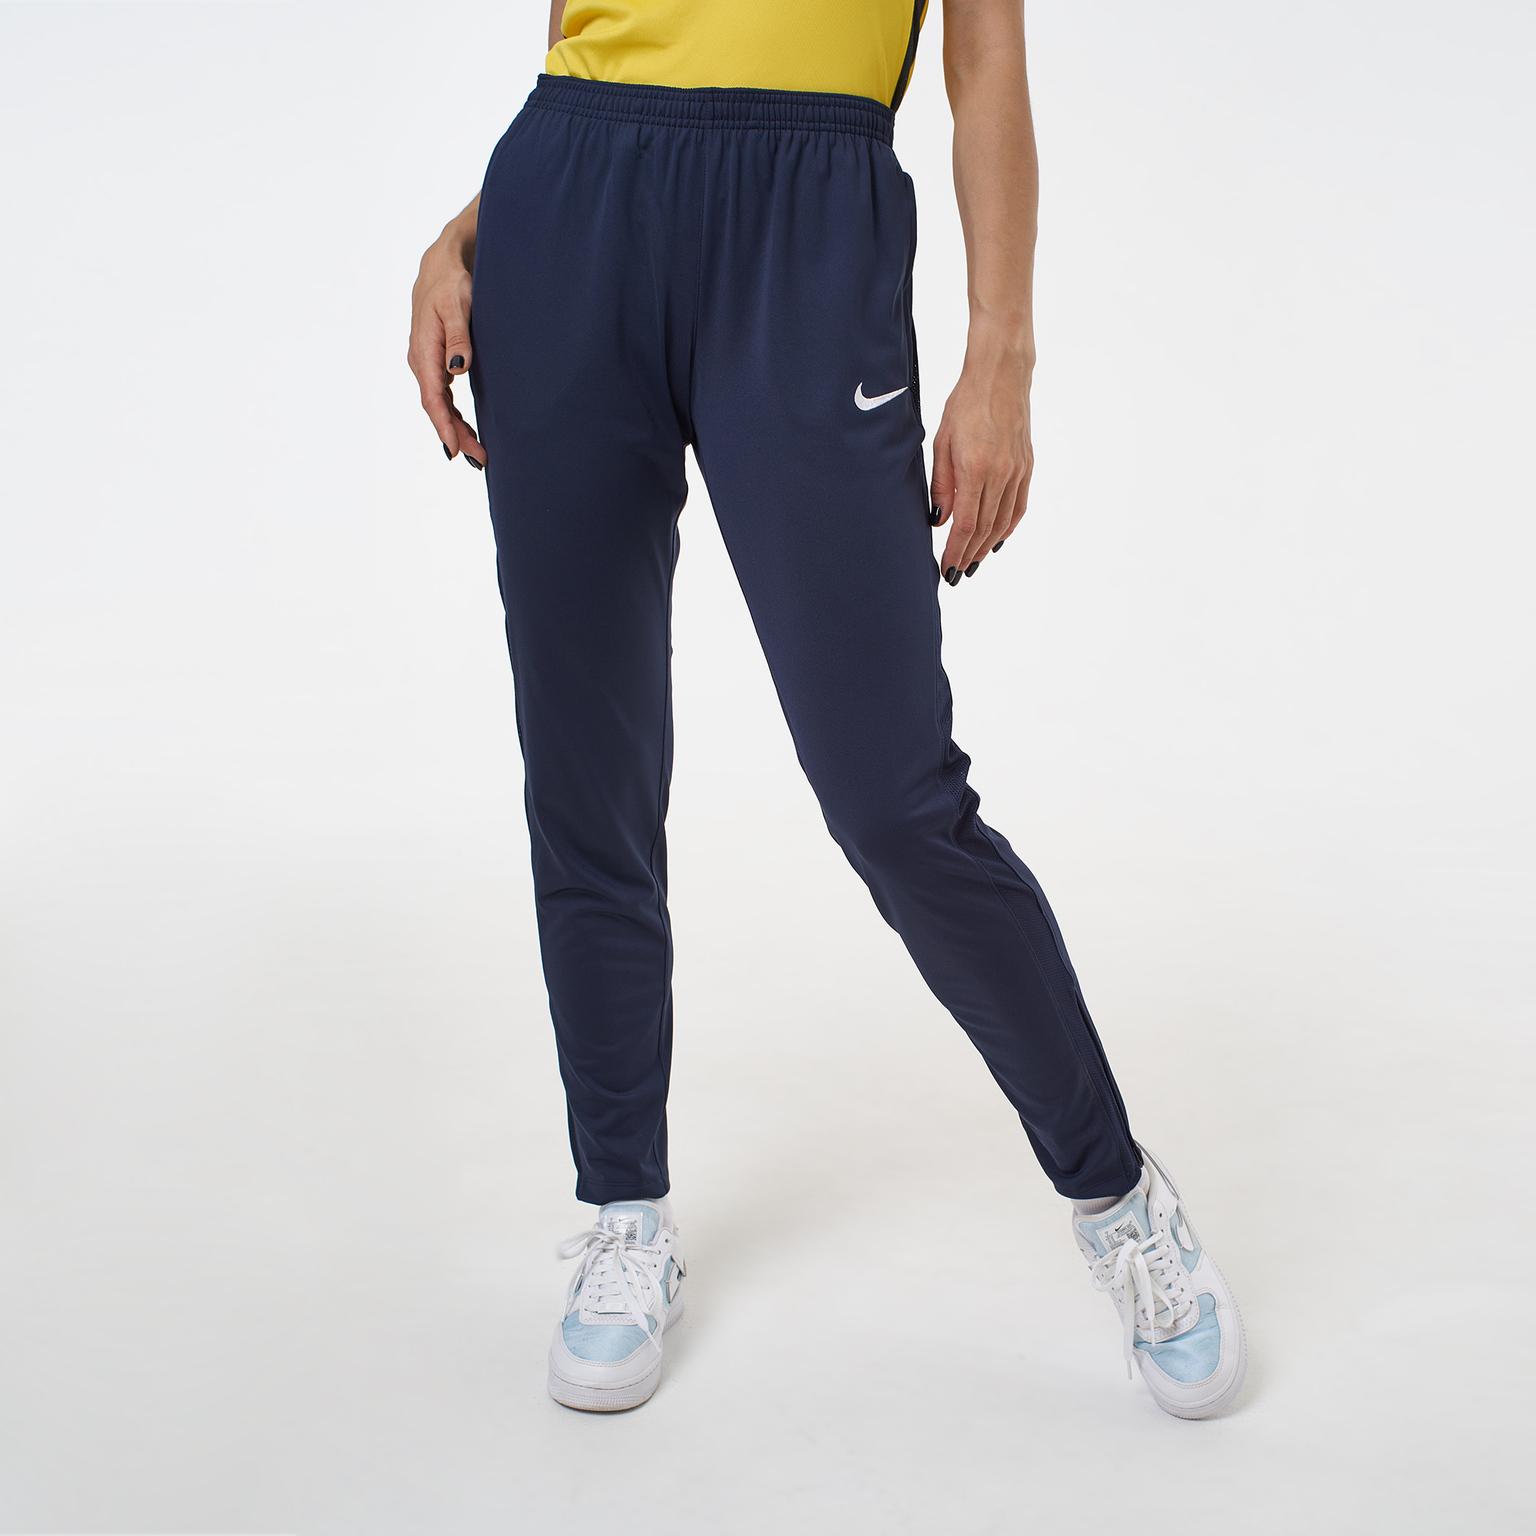 Брюки тренировочные женские Nike Dry Academy18 Pant 893721-451